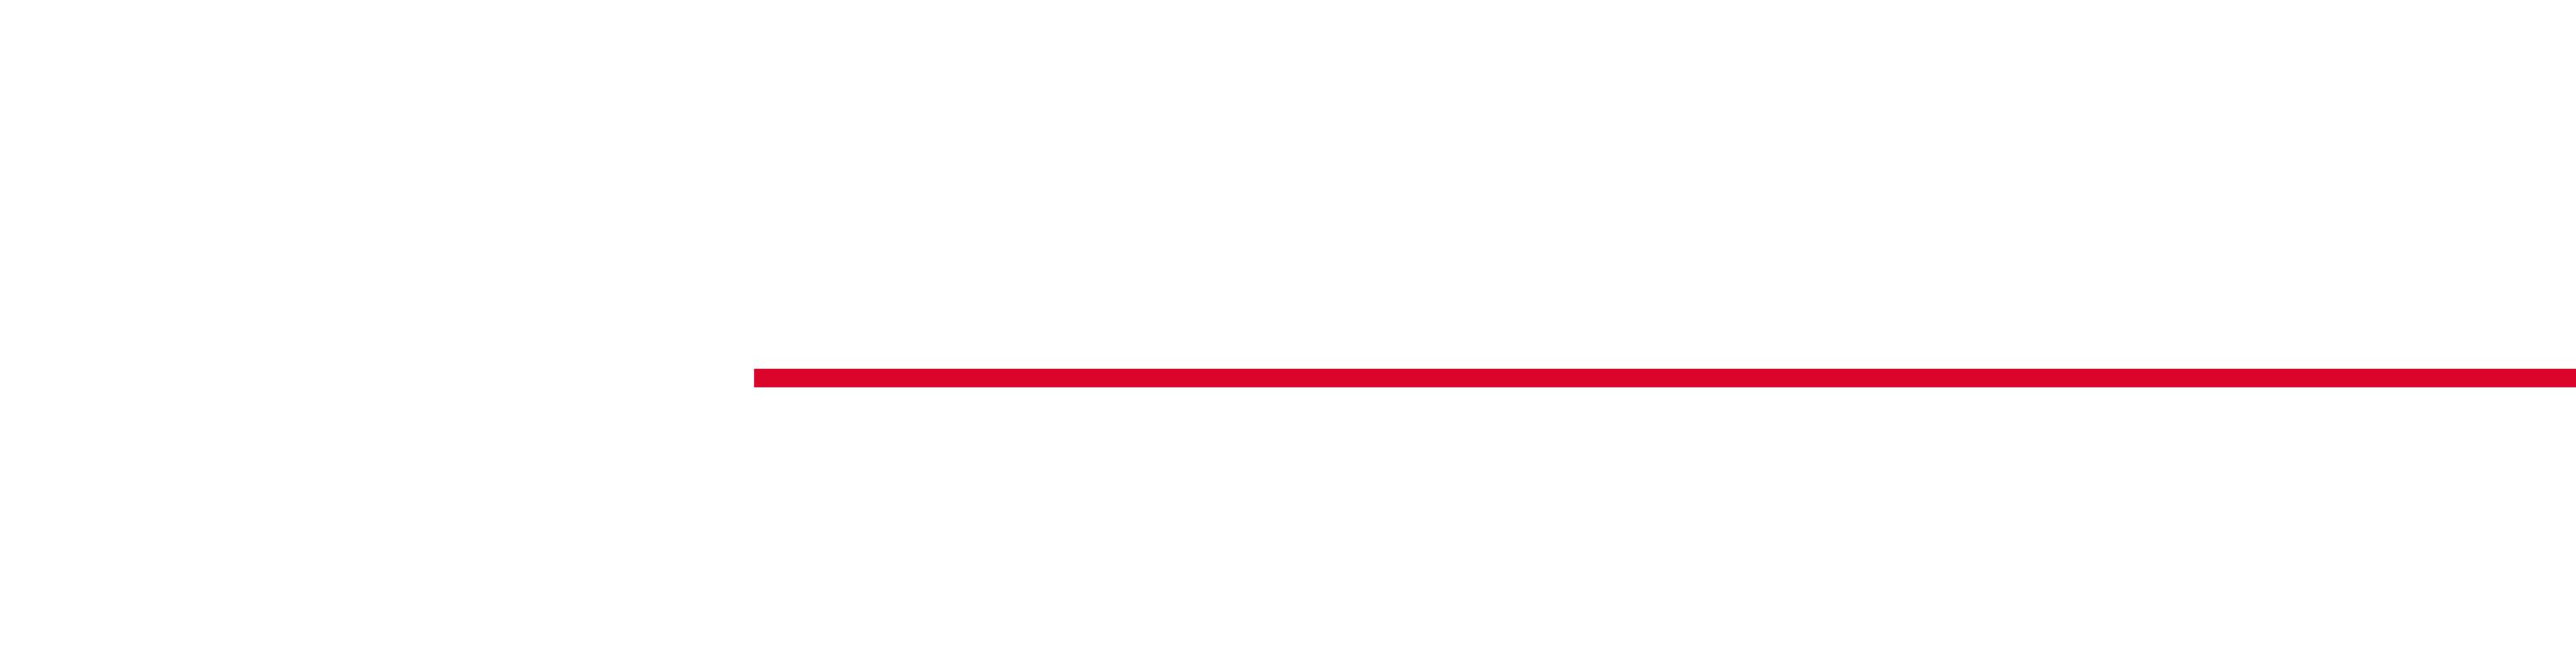 Wibutec KFZ-Nachrüstungen